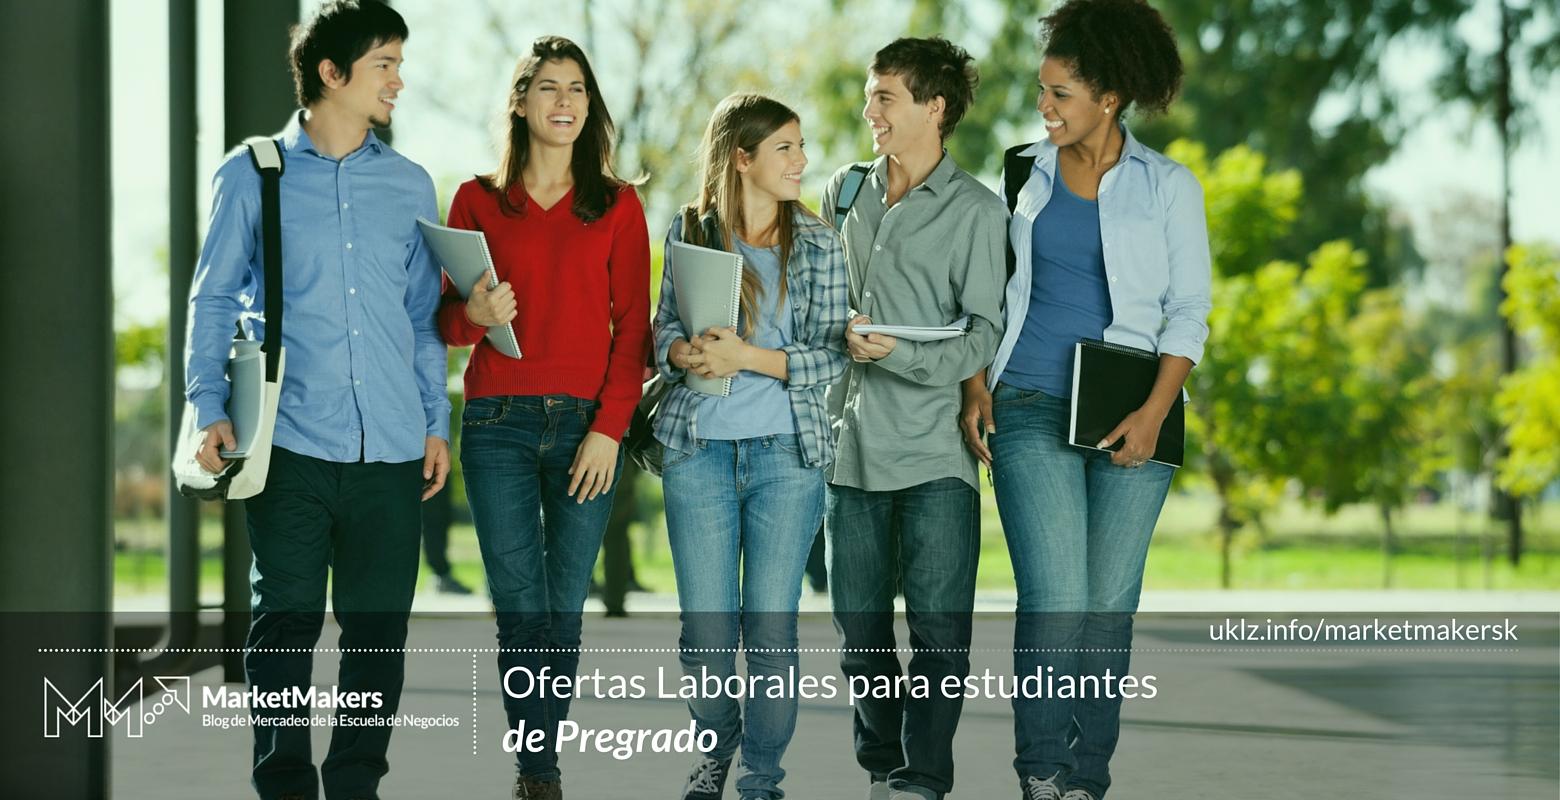 Ofertas laborales para estudiantes de Pregrado